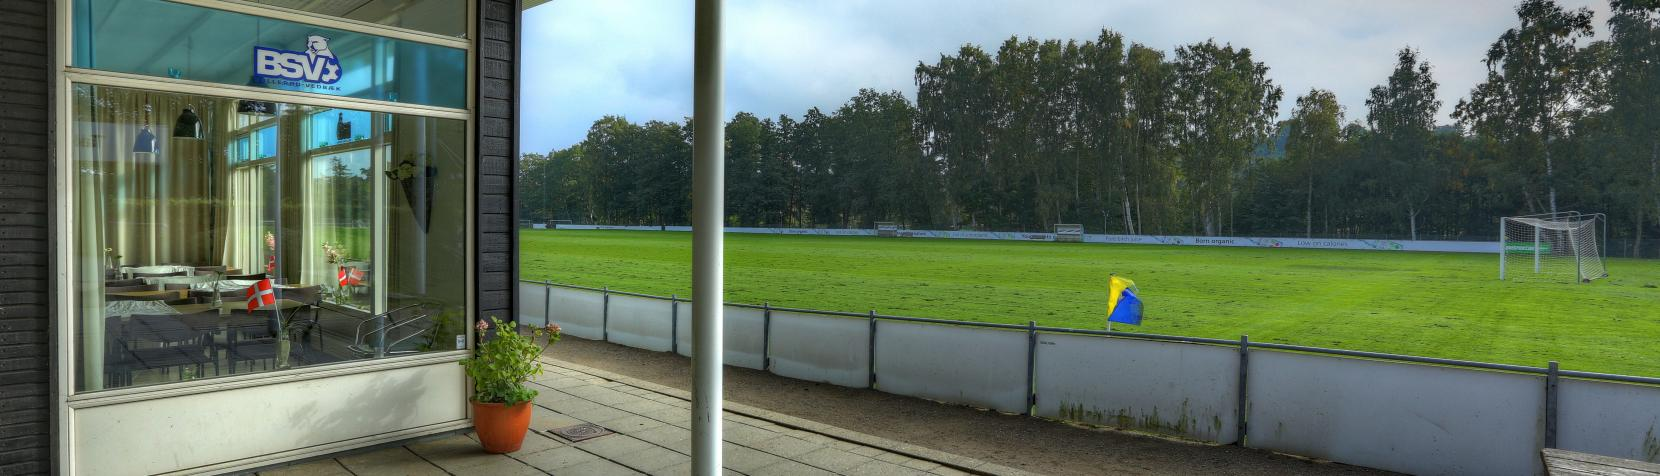 Vedbæk Stadion indgangen